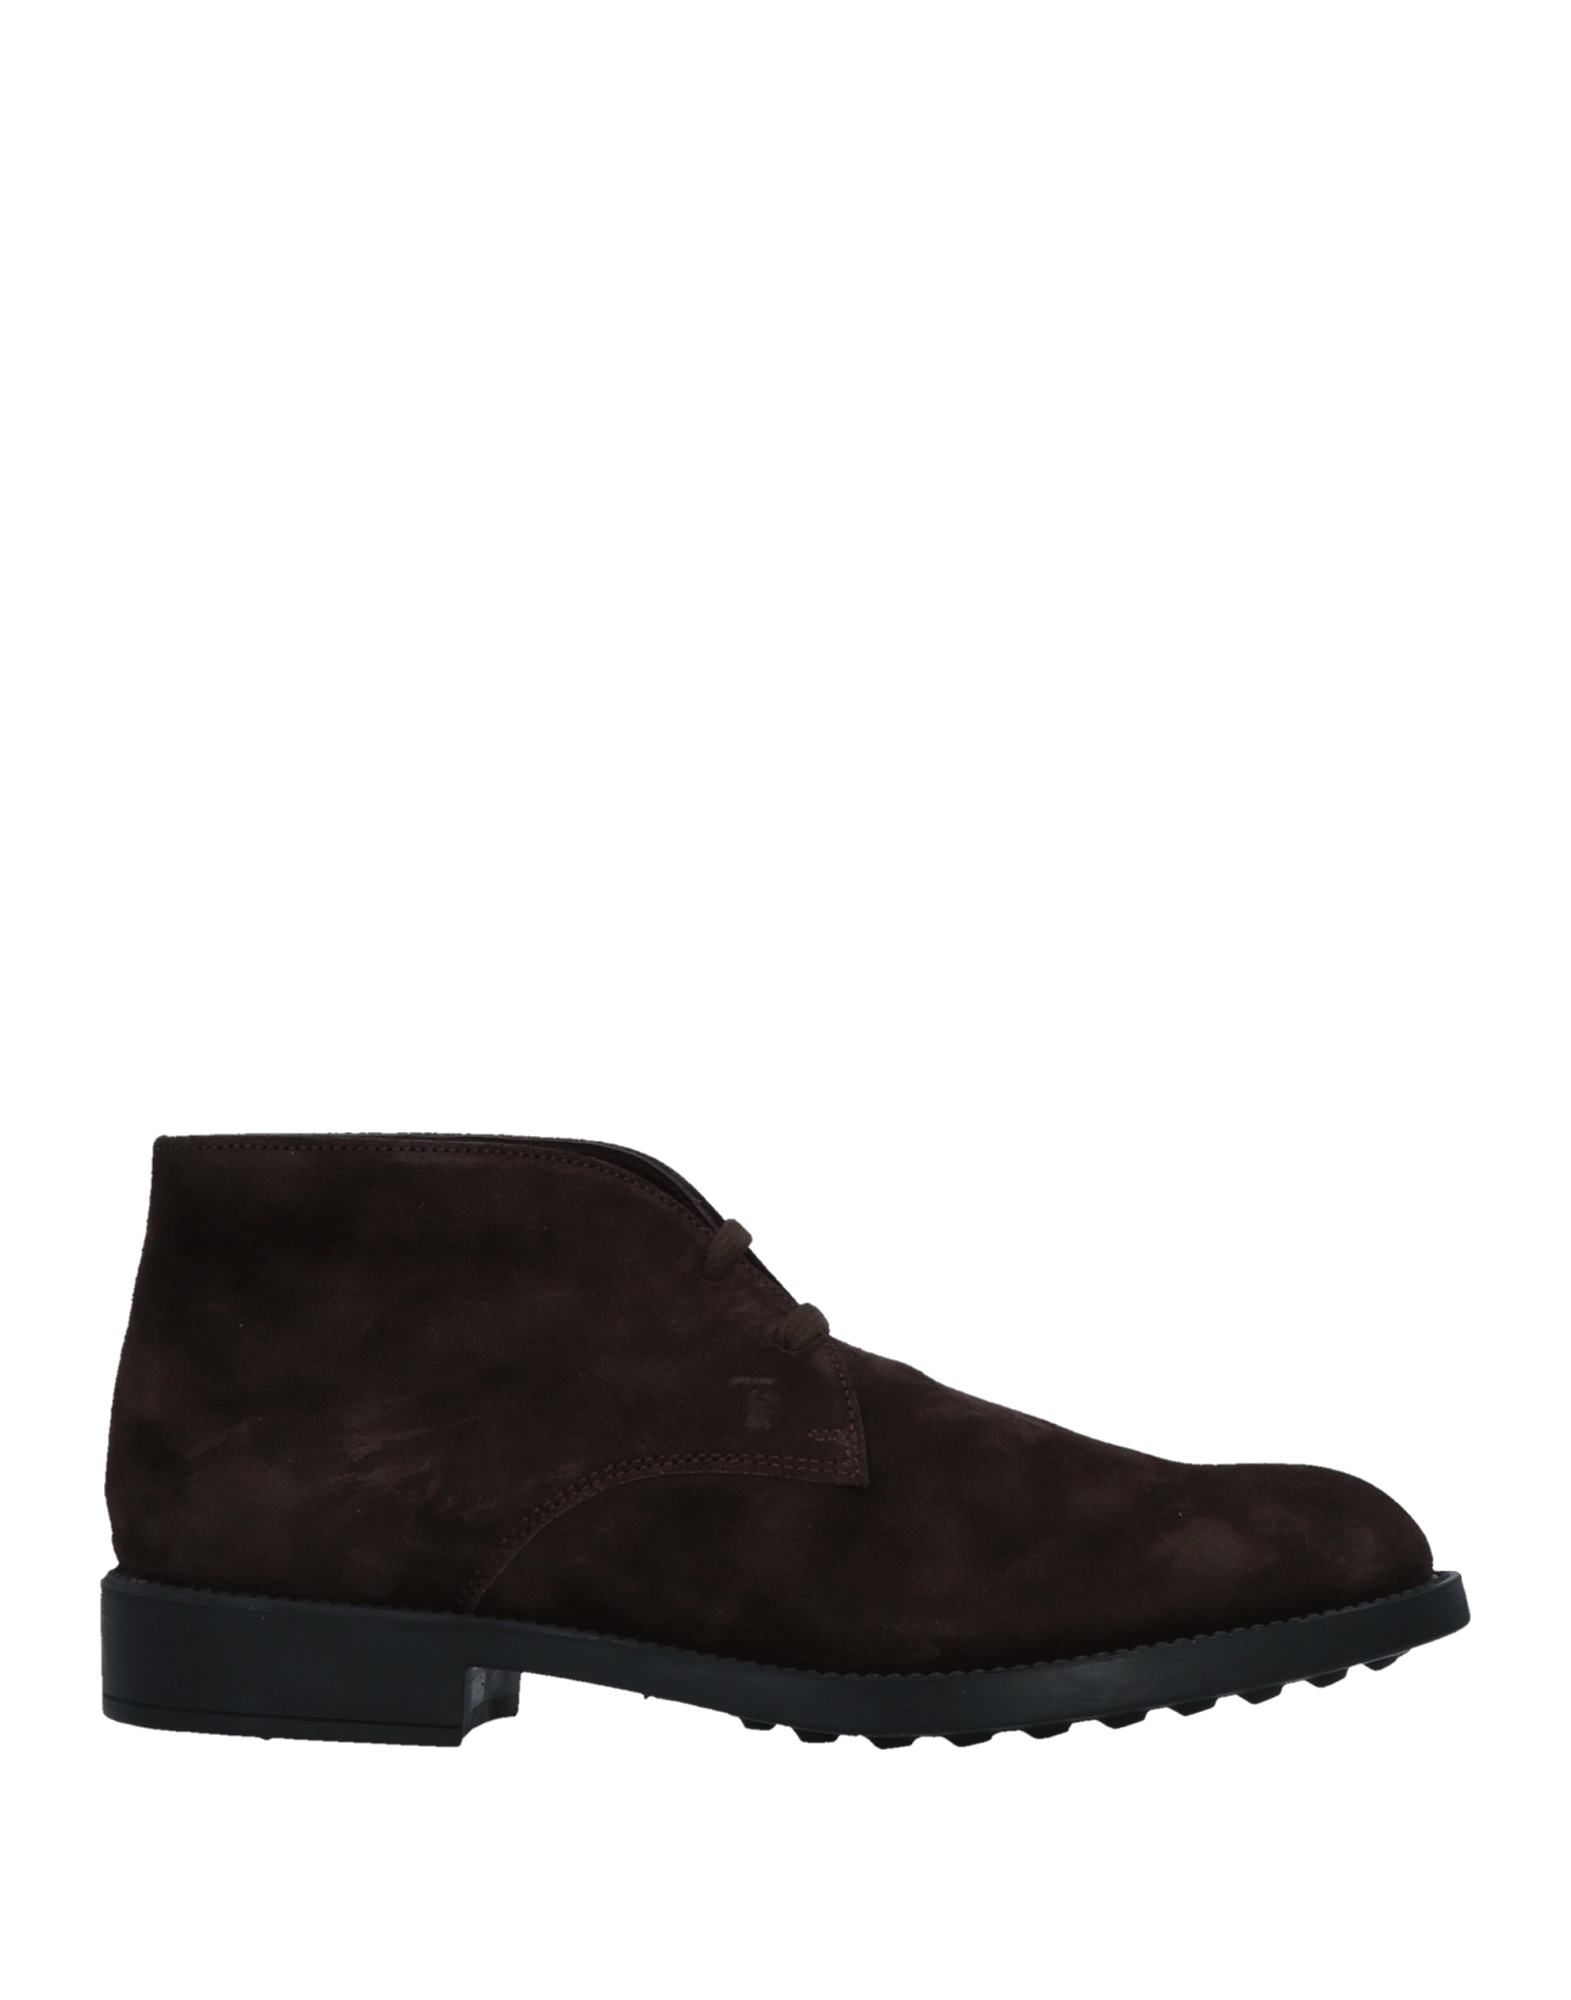 Tod's Stiefelette Herren beliebte  11510246JT Gute Qualität beliebte Herren Schuhe 324233